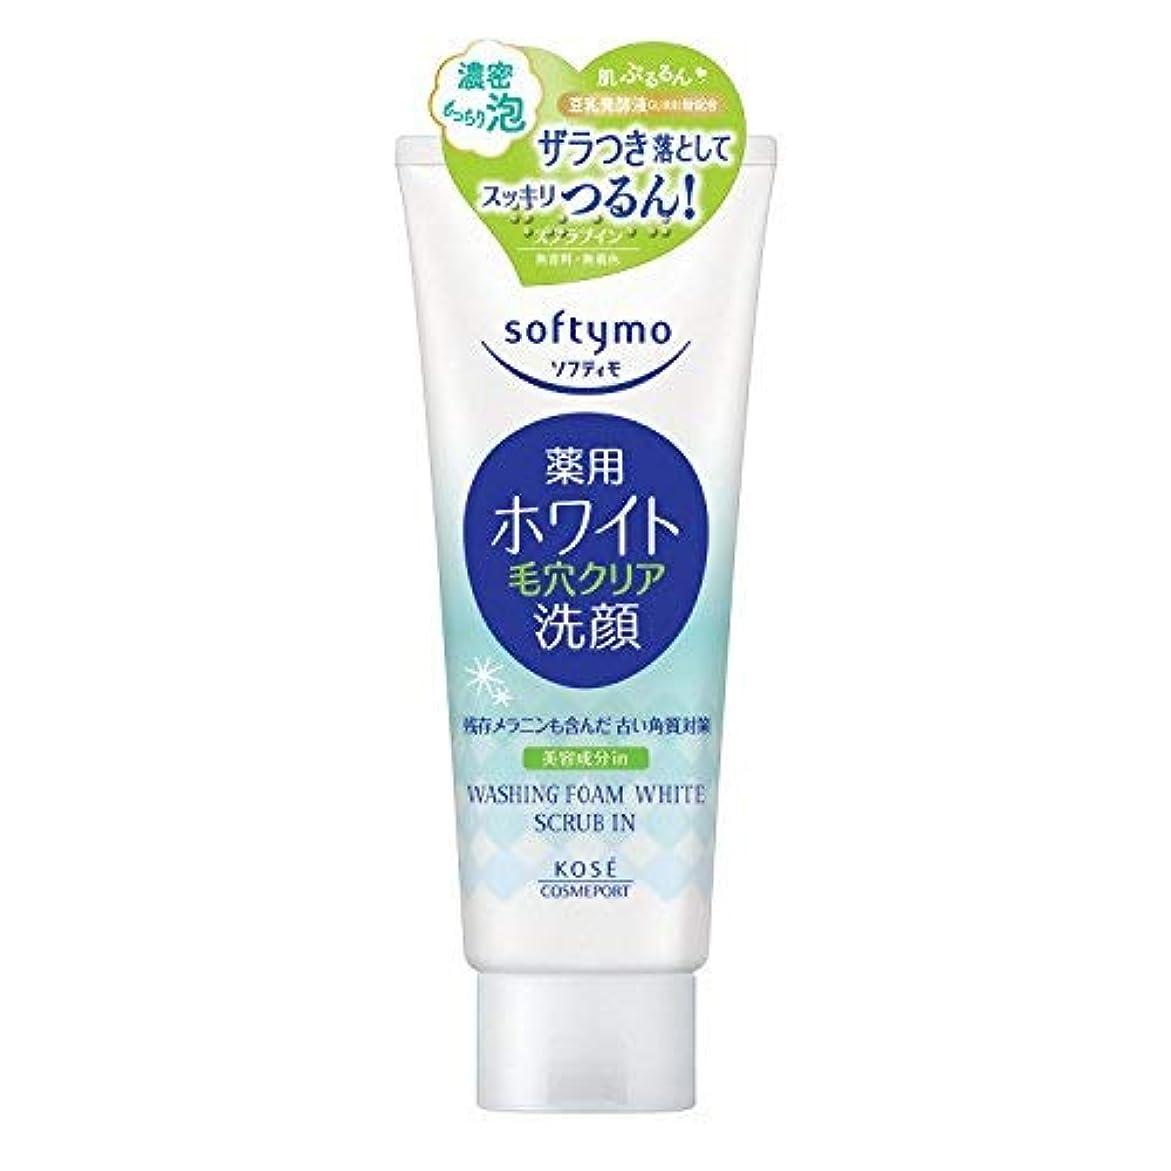 ポータル騒乱省略するソフティモ薬用洗顔フォーム(ホワイト)スクラブイン × 12個セット